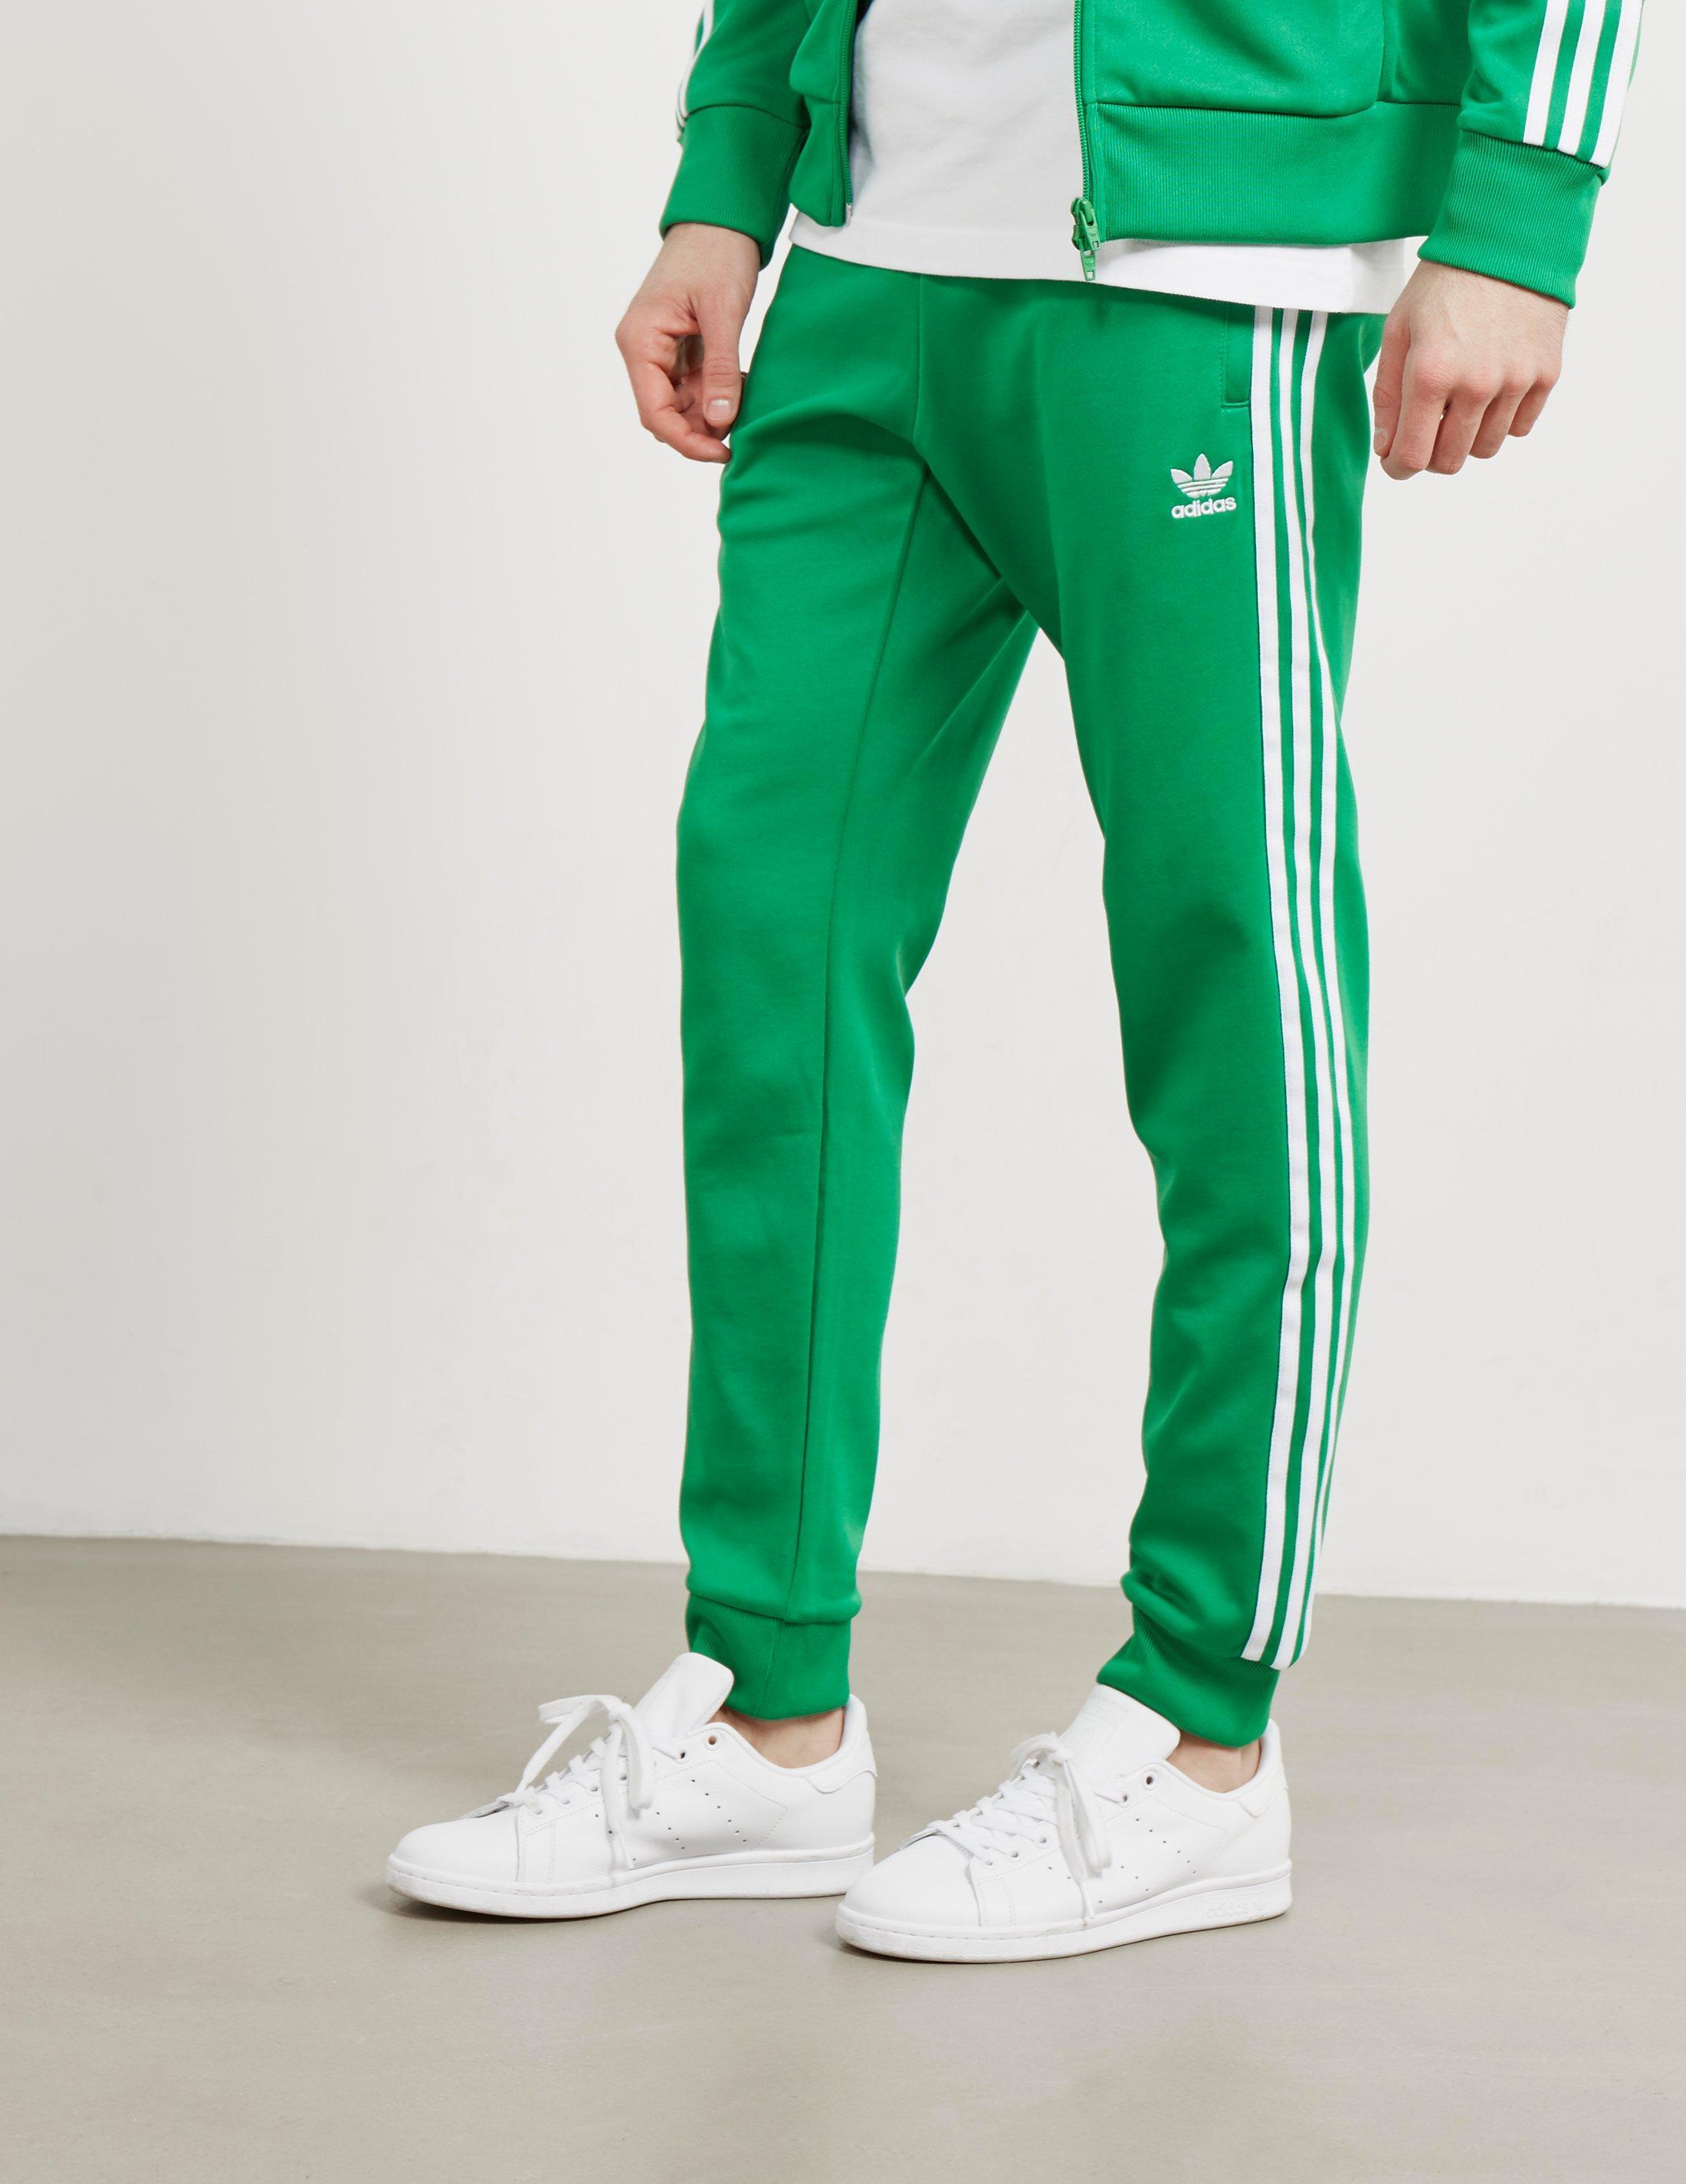 official photos 0b5f6 042ee Lyst Adidas Originals Mens Mens Superstar Adidas Pantalones verde verde en  verde 5f540af - www.vreale.online